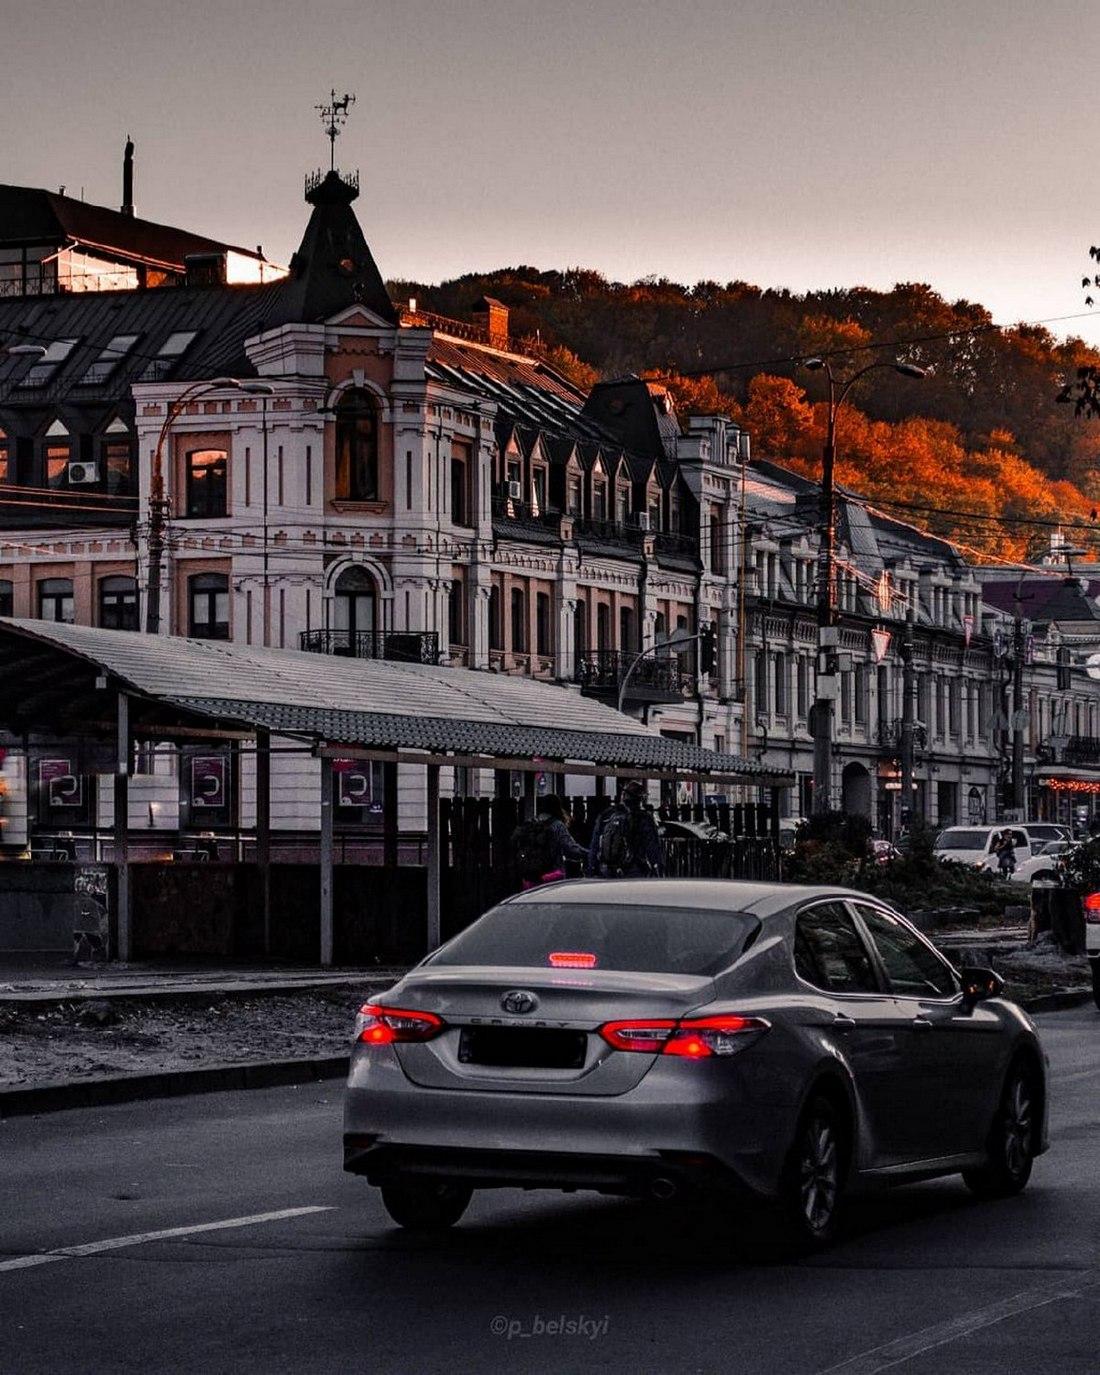 Мы куда-то спешим, не замечая красоты города. Фото: @p_belskyi